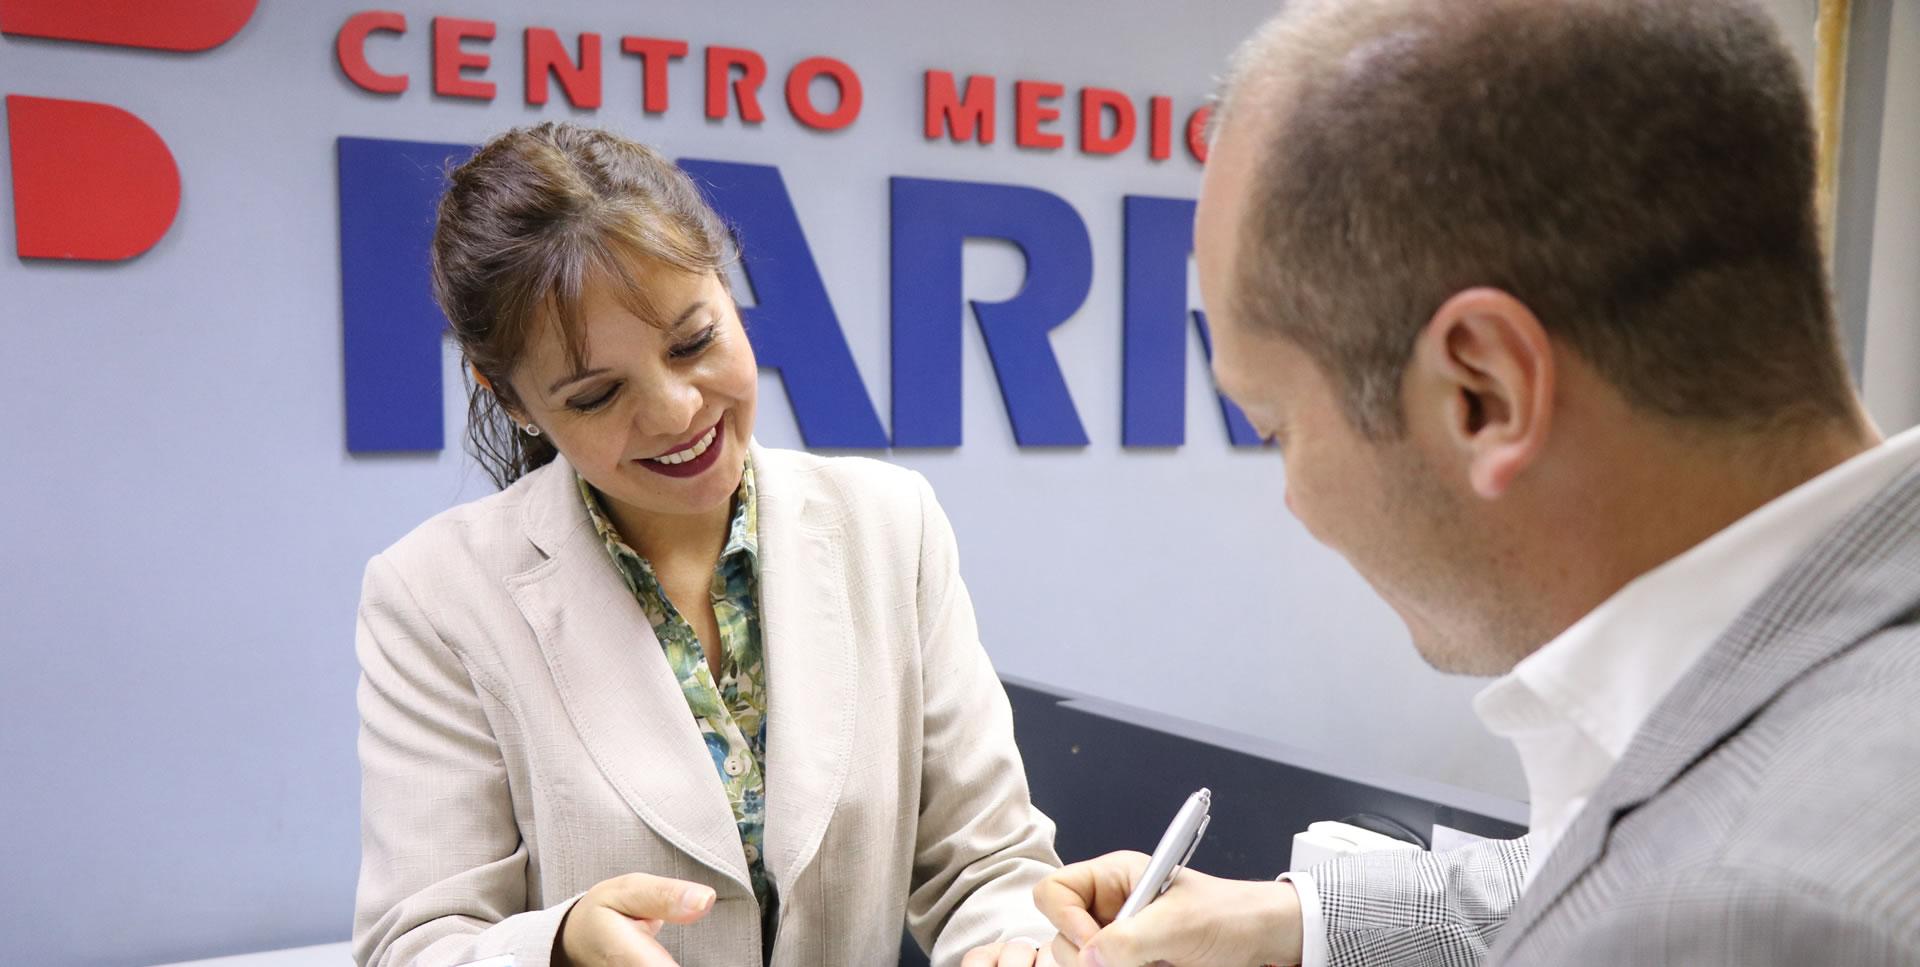 CENTRO MÉDICO Y DENTAL FARR